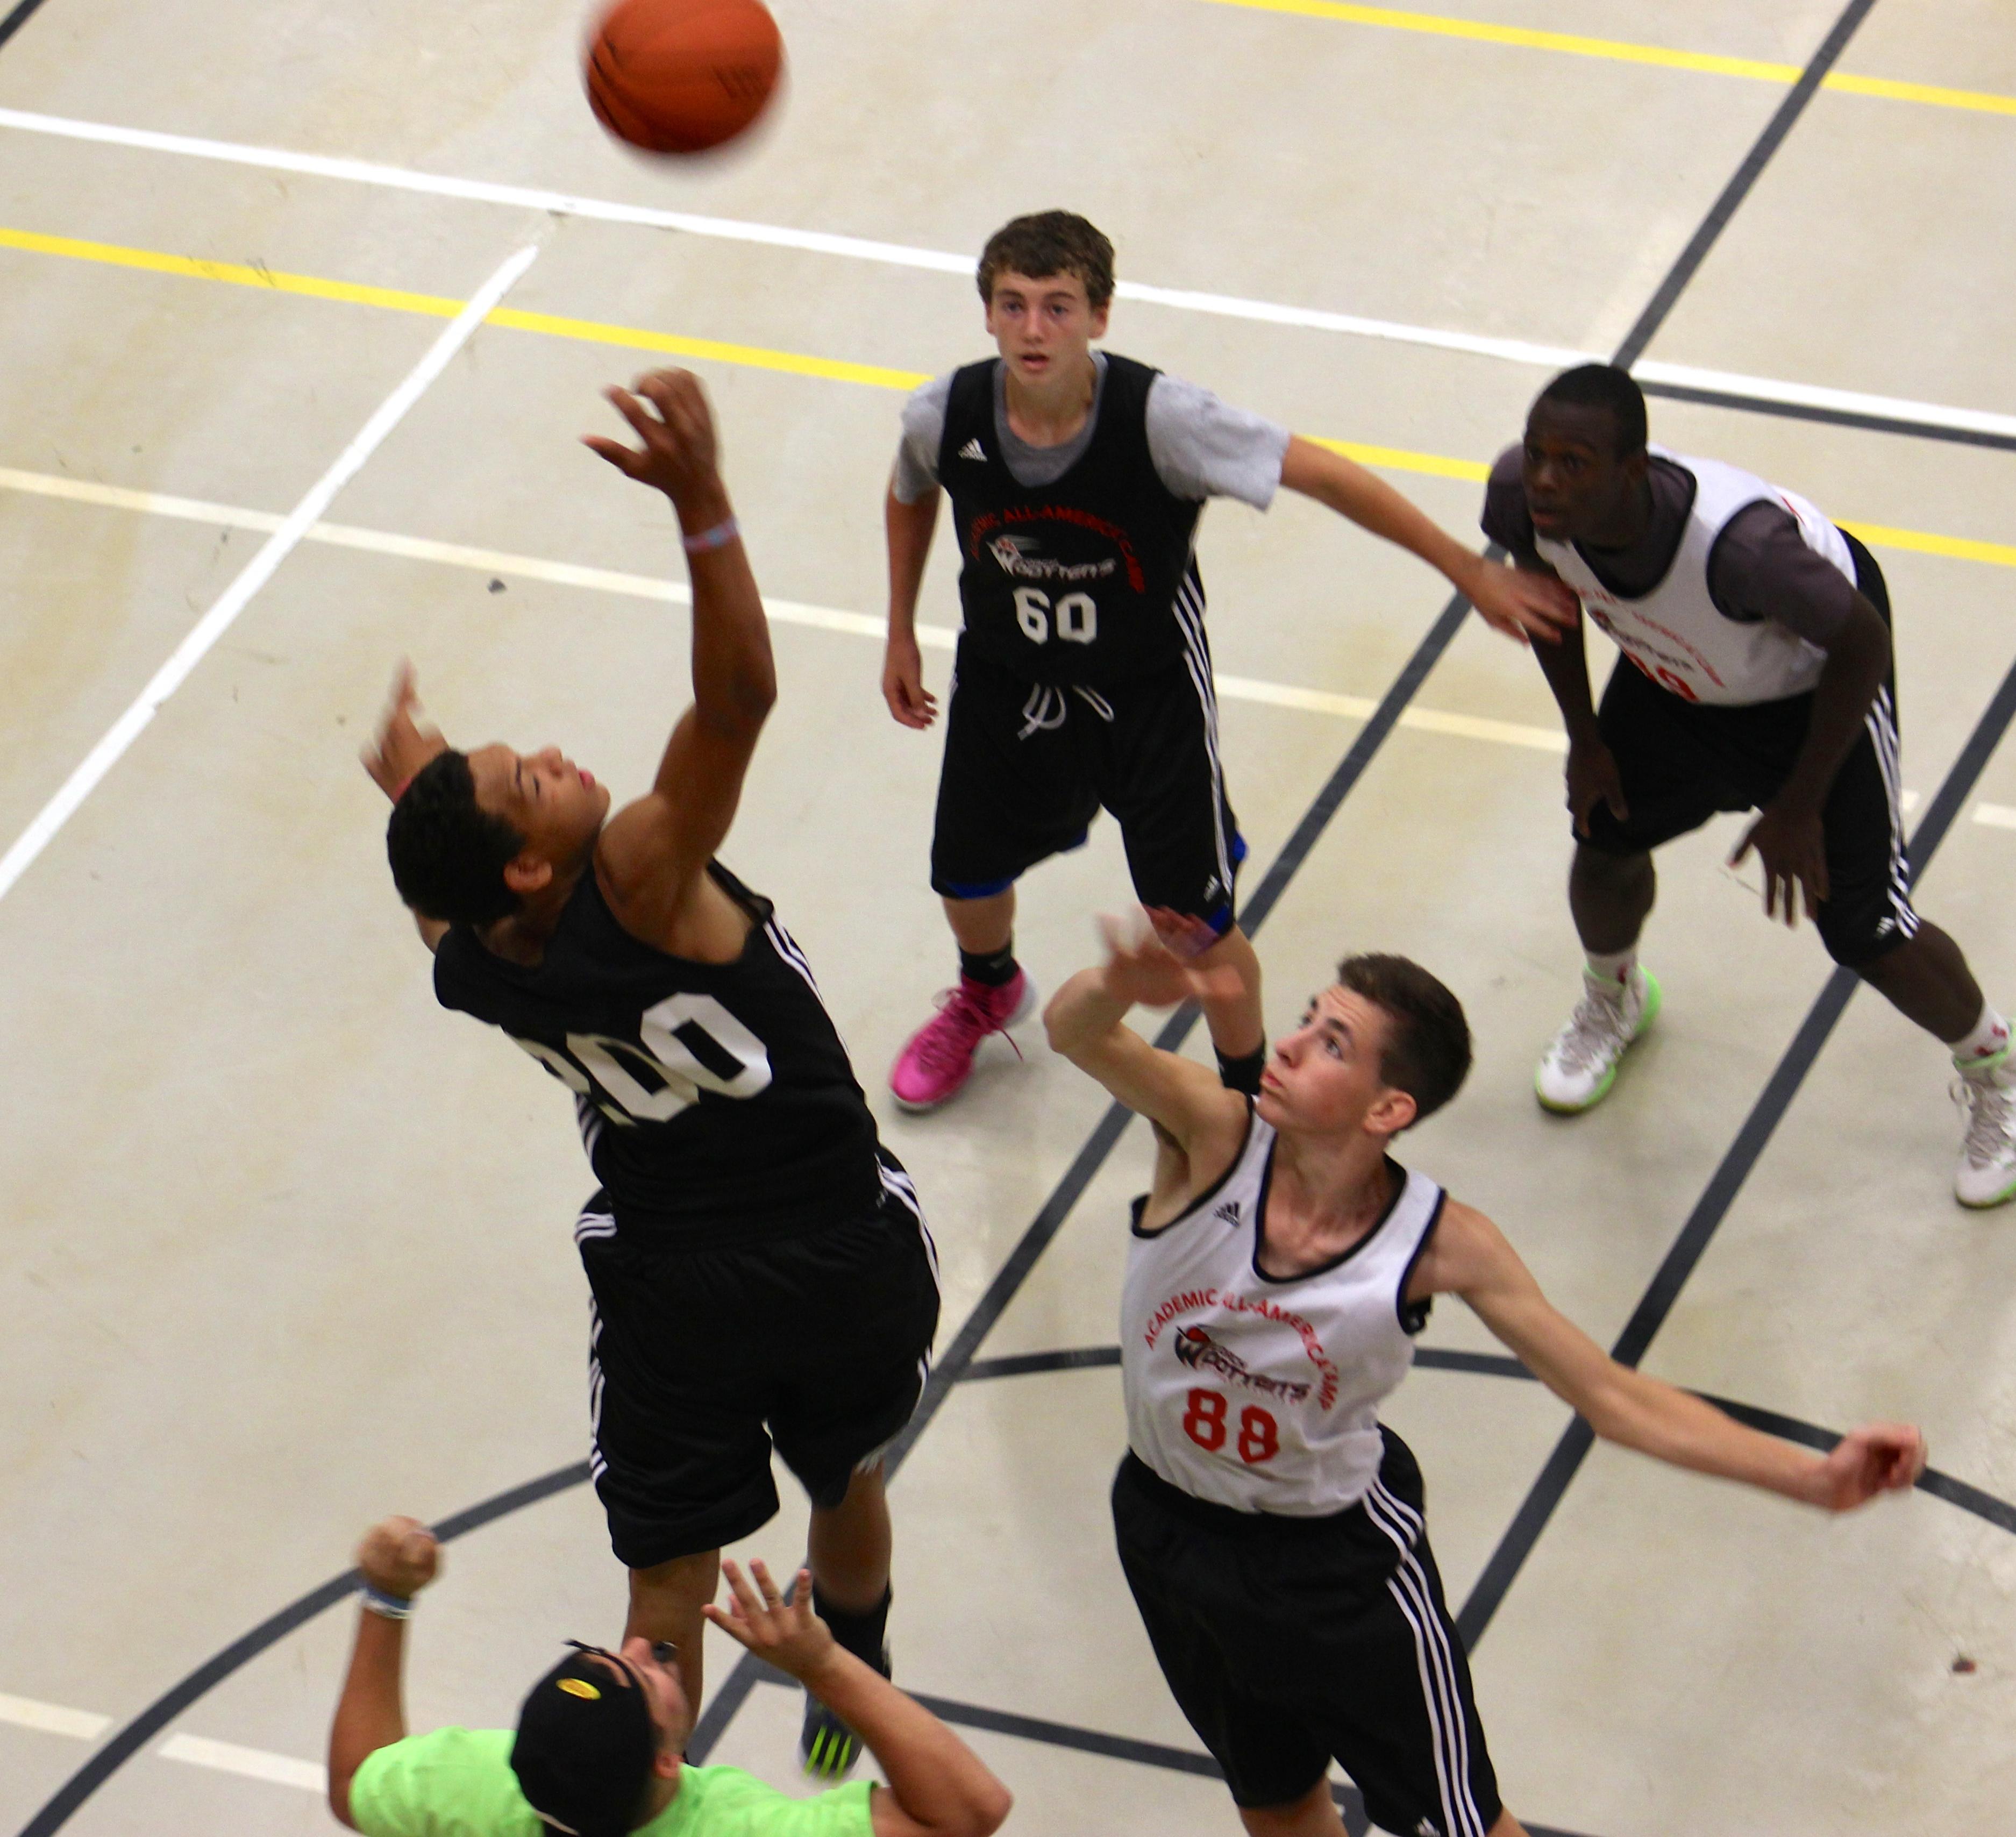 Summer Program - Basketball | Coach Wootten's Basketball Camp: Boys Overnight Camp